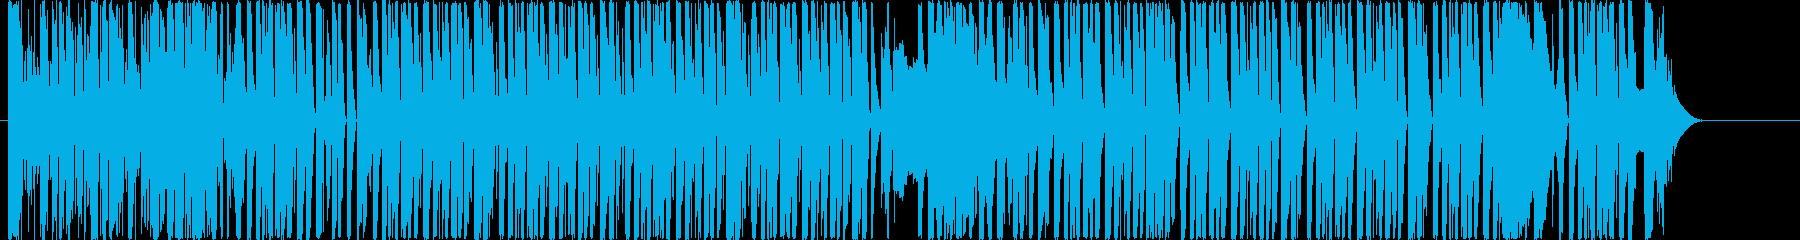 馬鹿っぽいHIPHOP ボイパなしの再生済みの波形